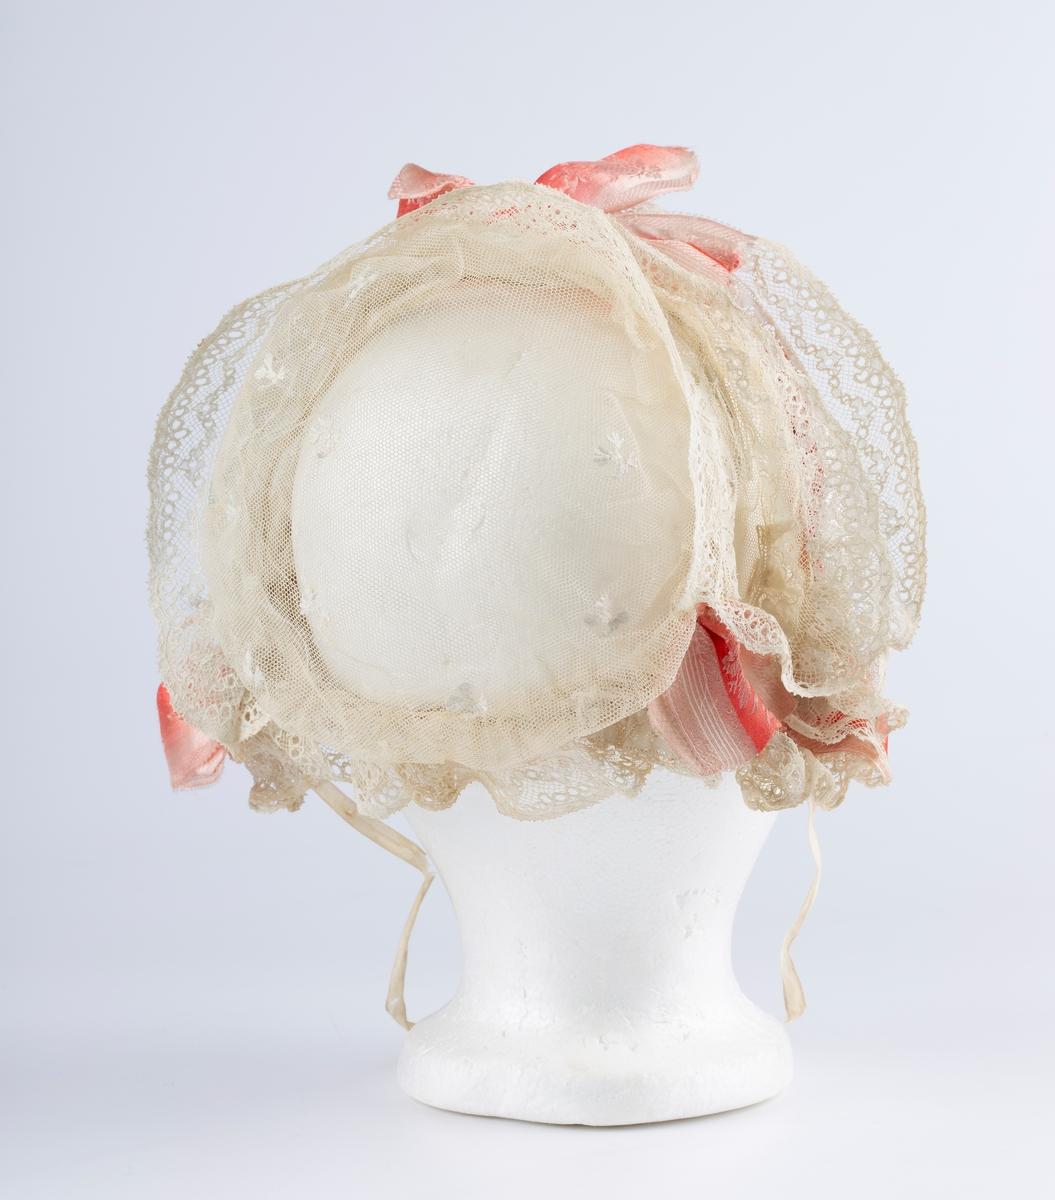 Hodekappe. Bøyle, pannestykke med 3 blonderader. Rosa sløyfe midt foran og ved ørene. Tyllstoff over bakhodet. Hodekappen og særlig blondene er stivet.